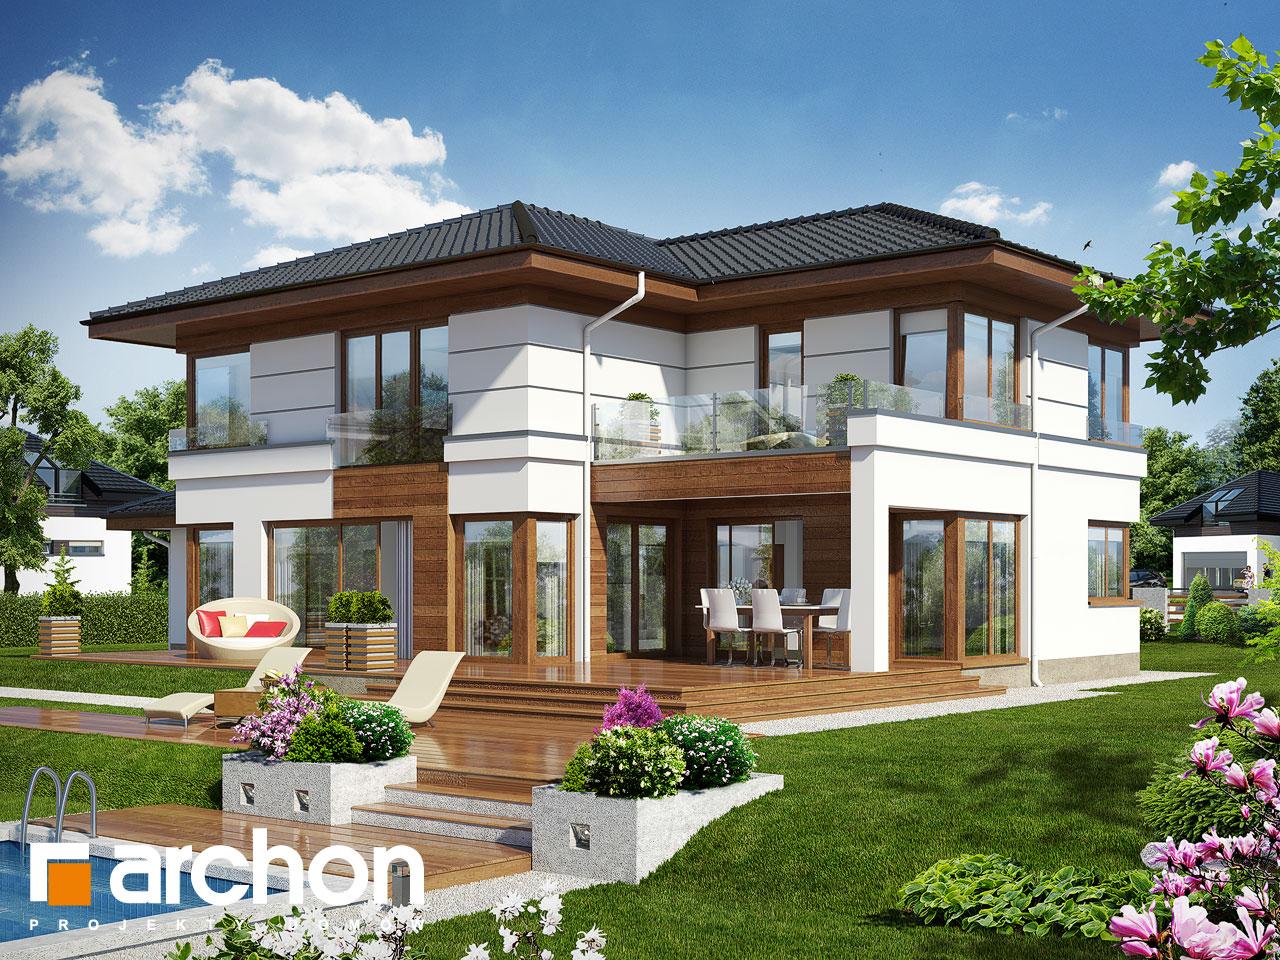 Projekt domu willa weronika 3 archon for Cubiertas para casas campestres